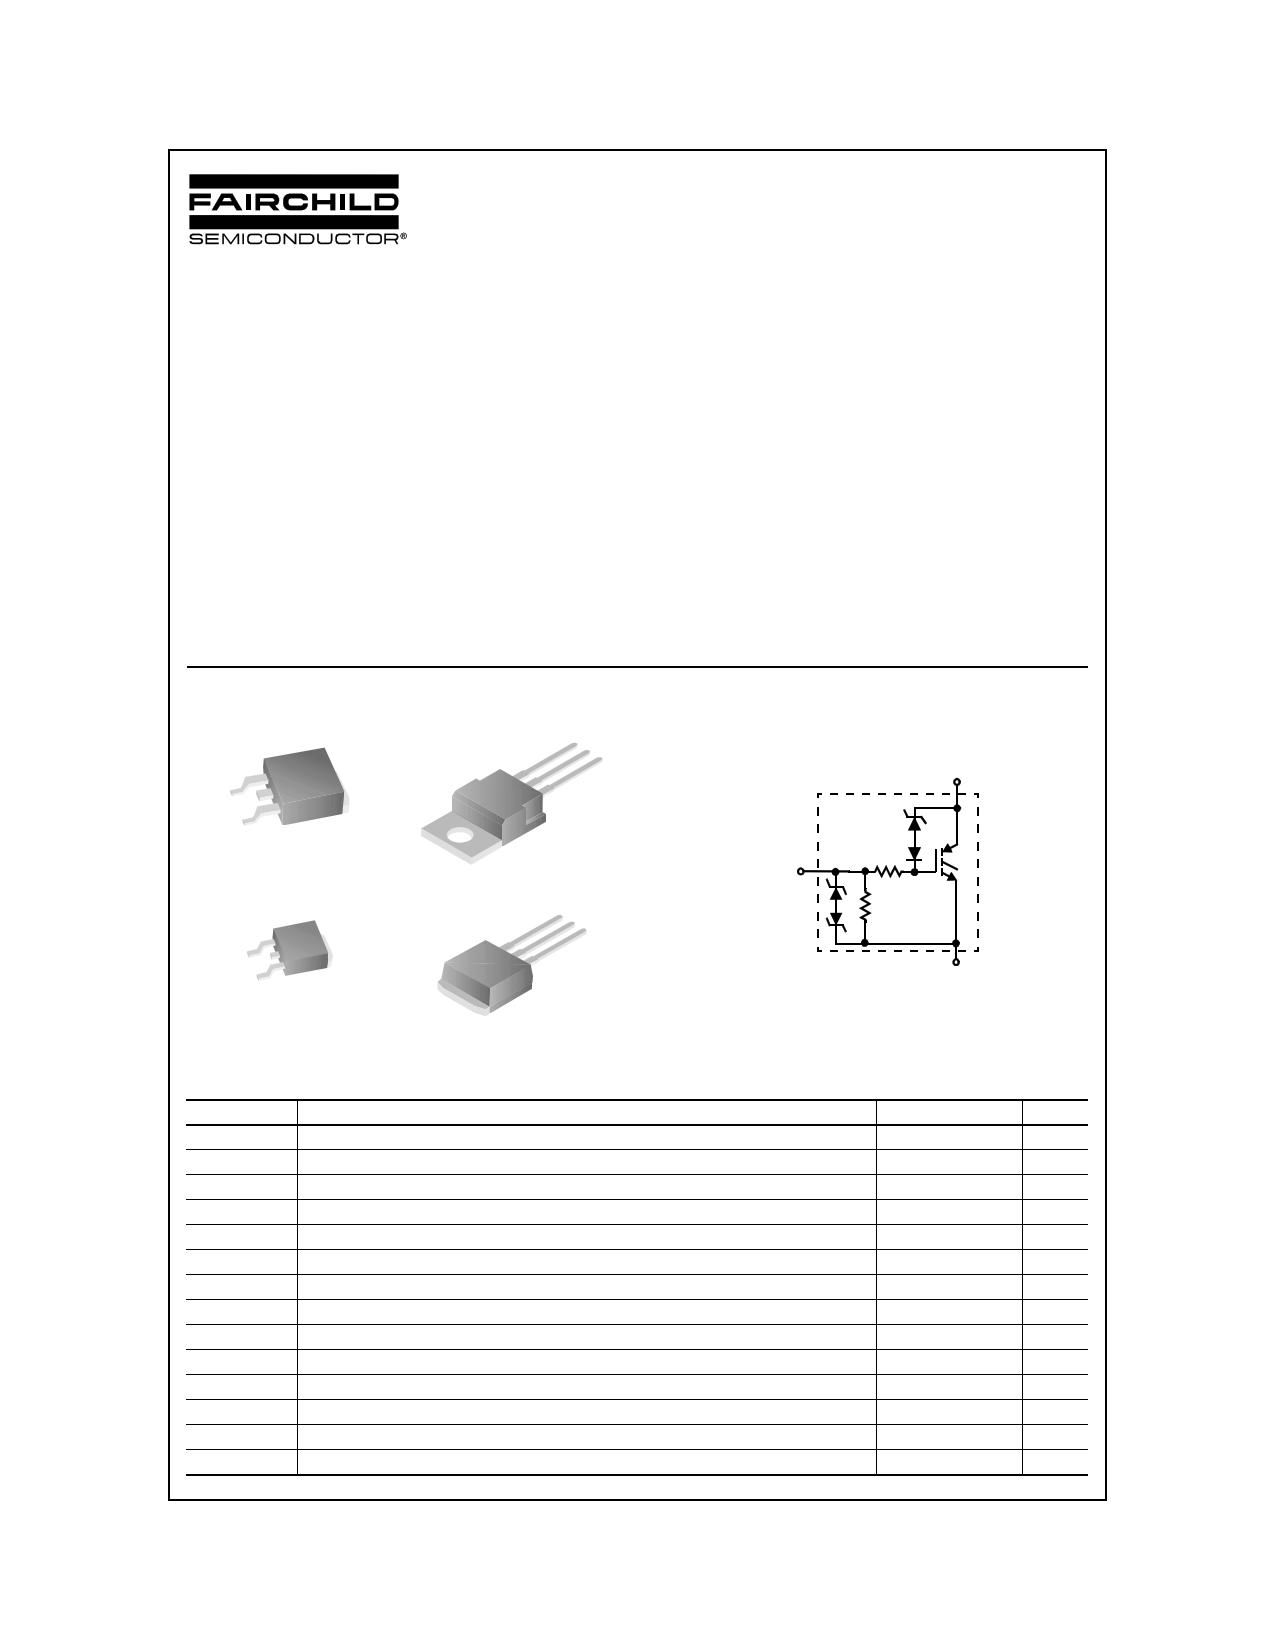 ISL9V3040S3 데이터시트 및 ISL9V3040S3 PDF